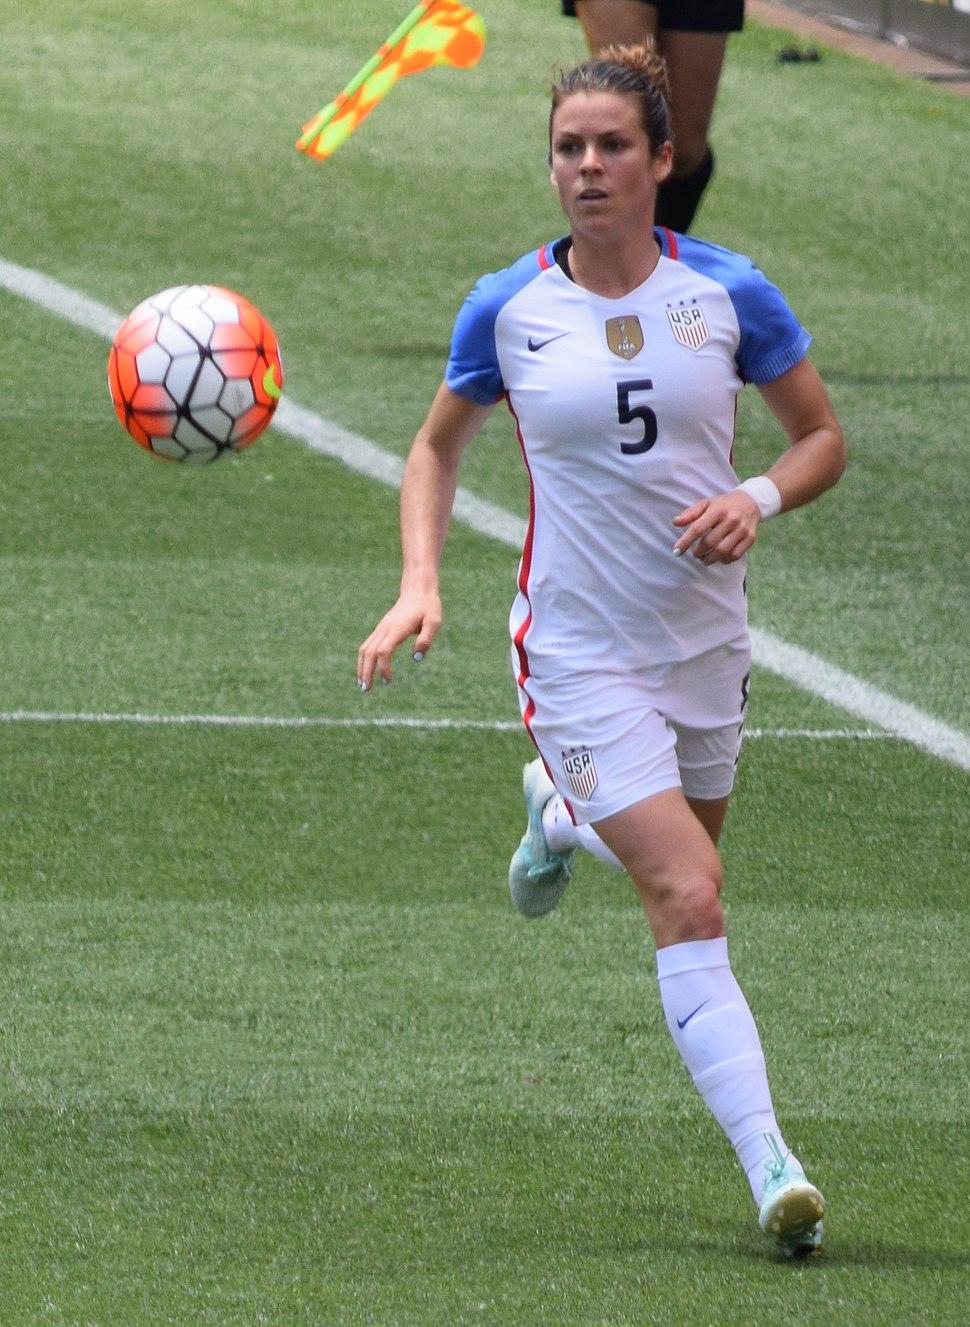 O'Hara running on a soccer field